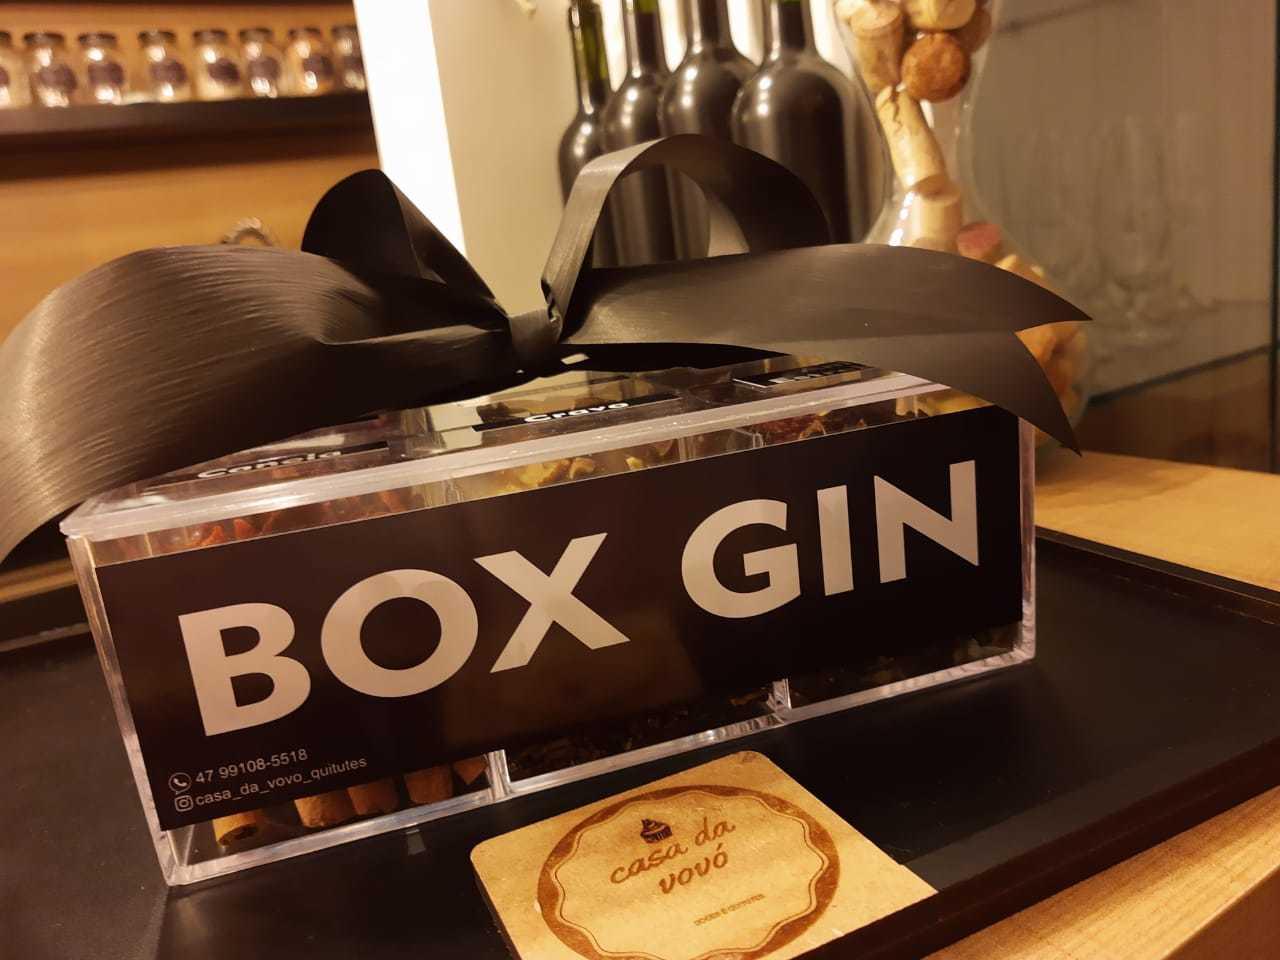 BOX GIN